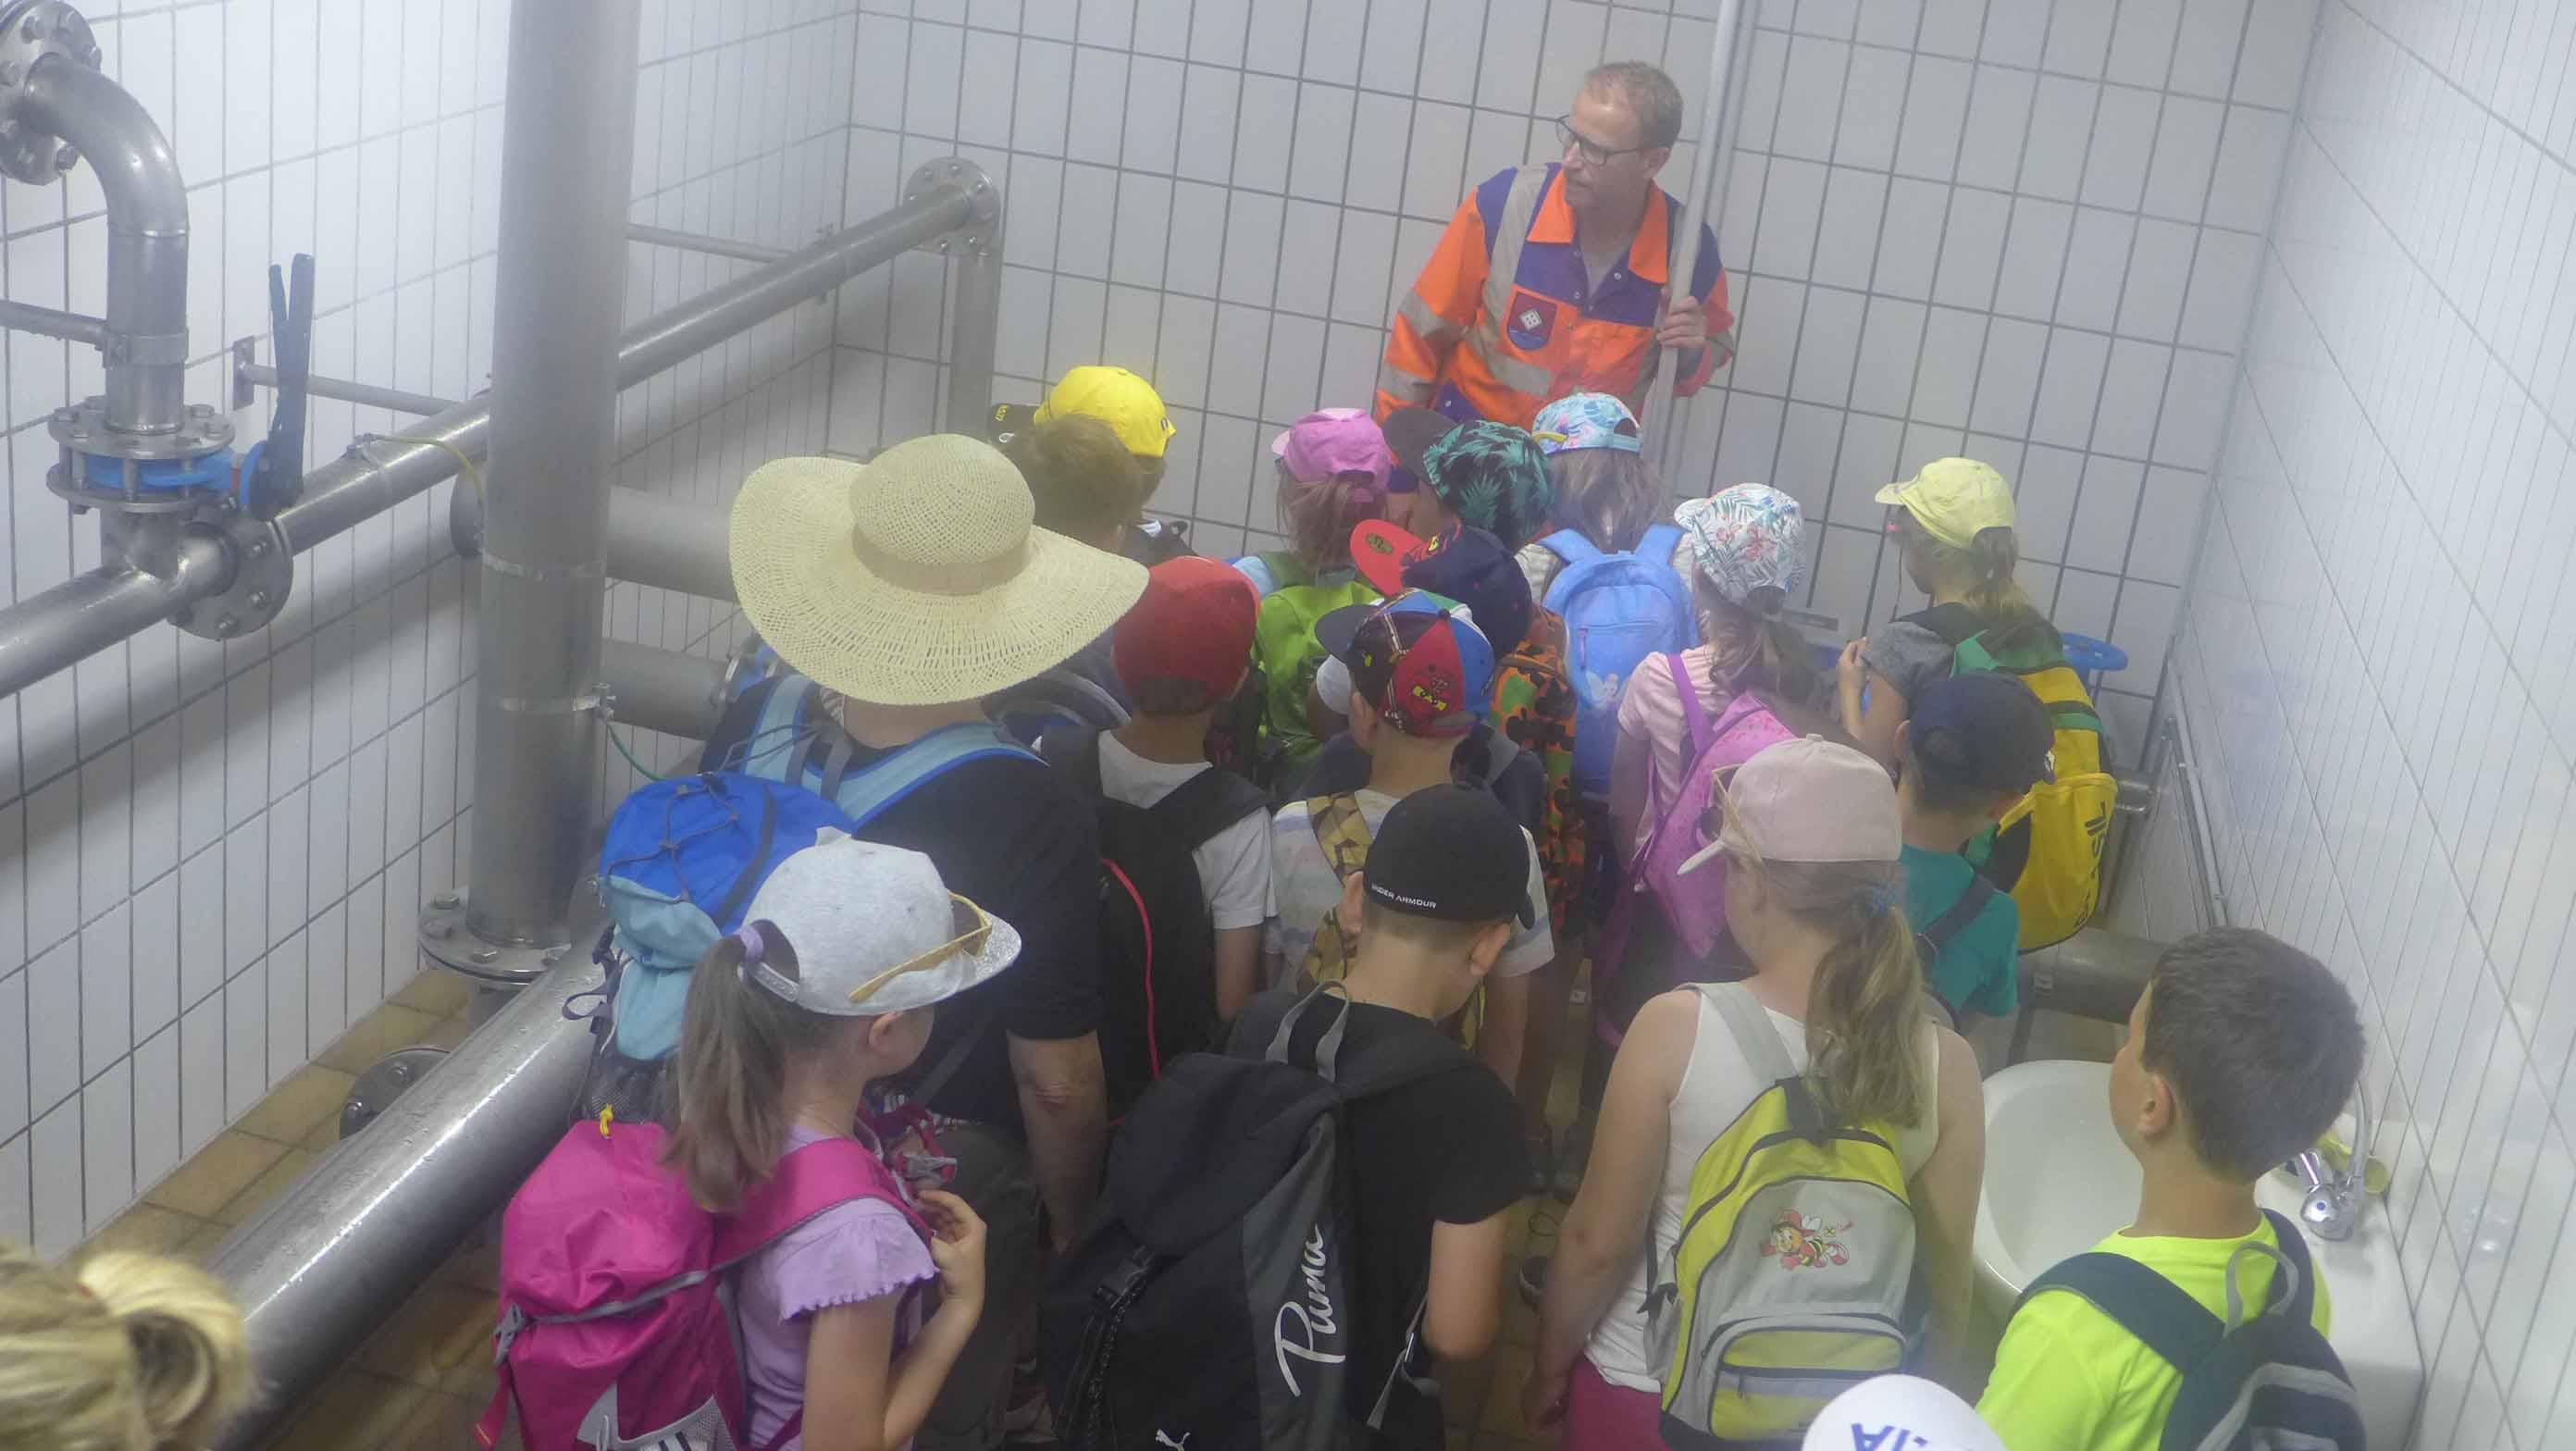 Herr Benedikt von der Marktgemeinde Übelbach erklärt, wie das Trinkwasser in den Hochbehälter und in die Haushalte gelangt!